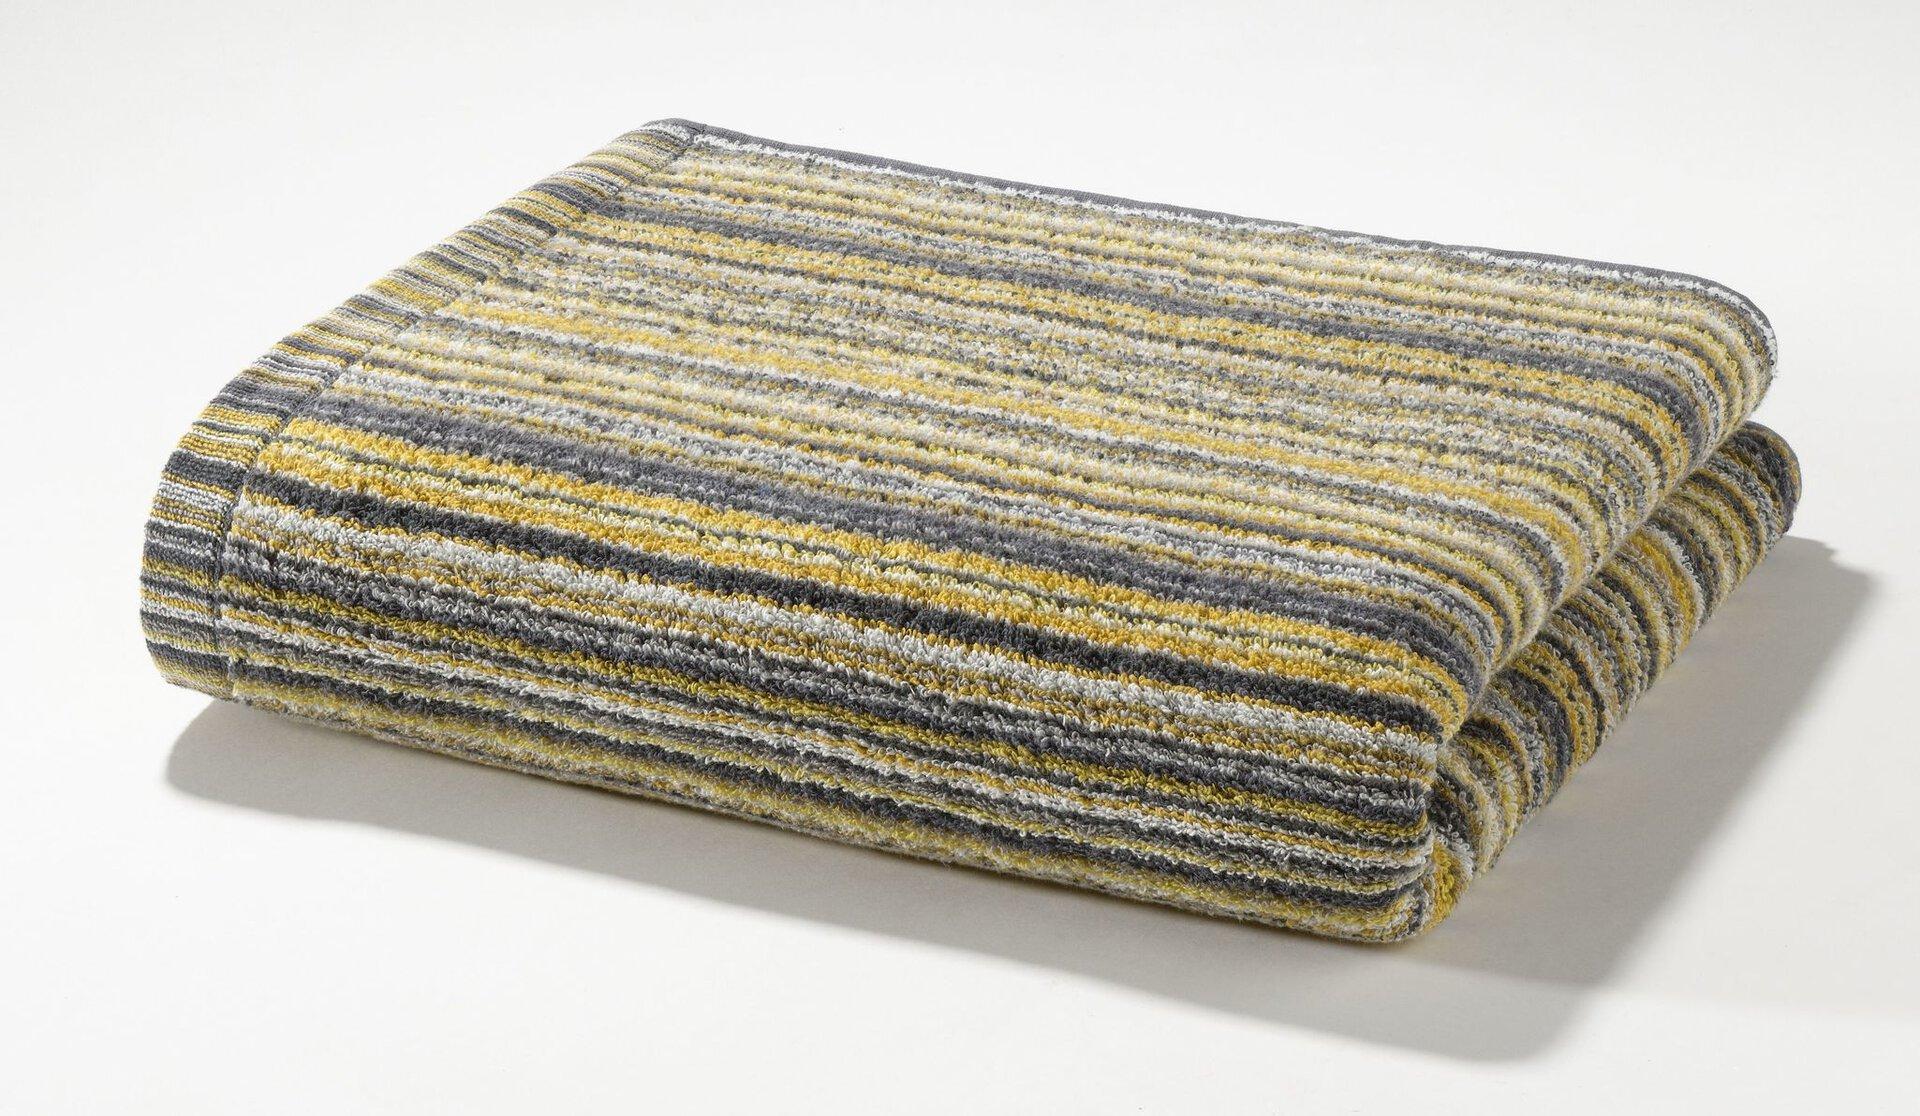 Duschtuch Autumnstripes Casa Nova Textil gelb